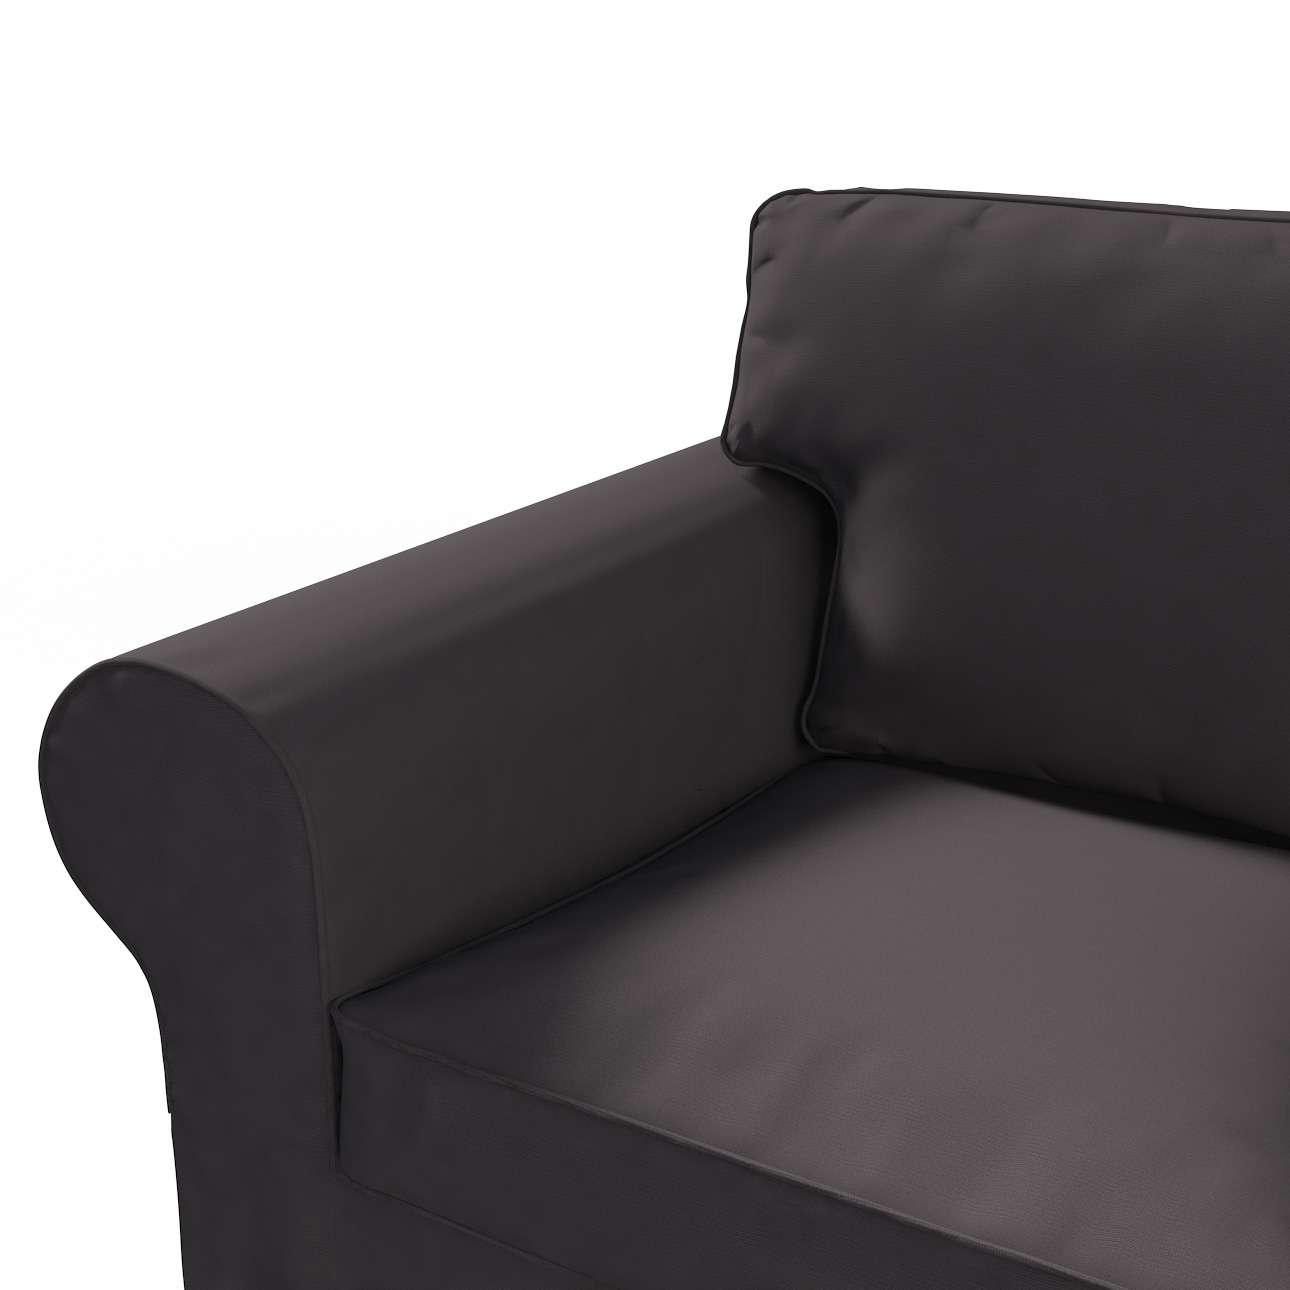 Ektorp dvivietės sofos užvalkalas Ektorp dvivietės sofos užvalkalas kolekcijoje Cotton Panama, audinys: 702-09